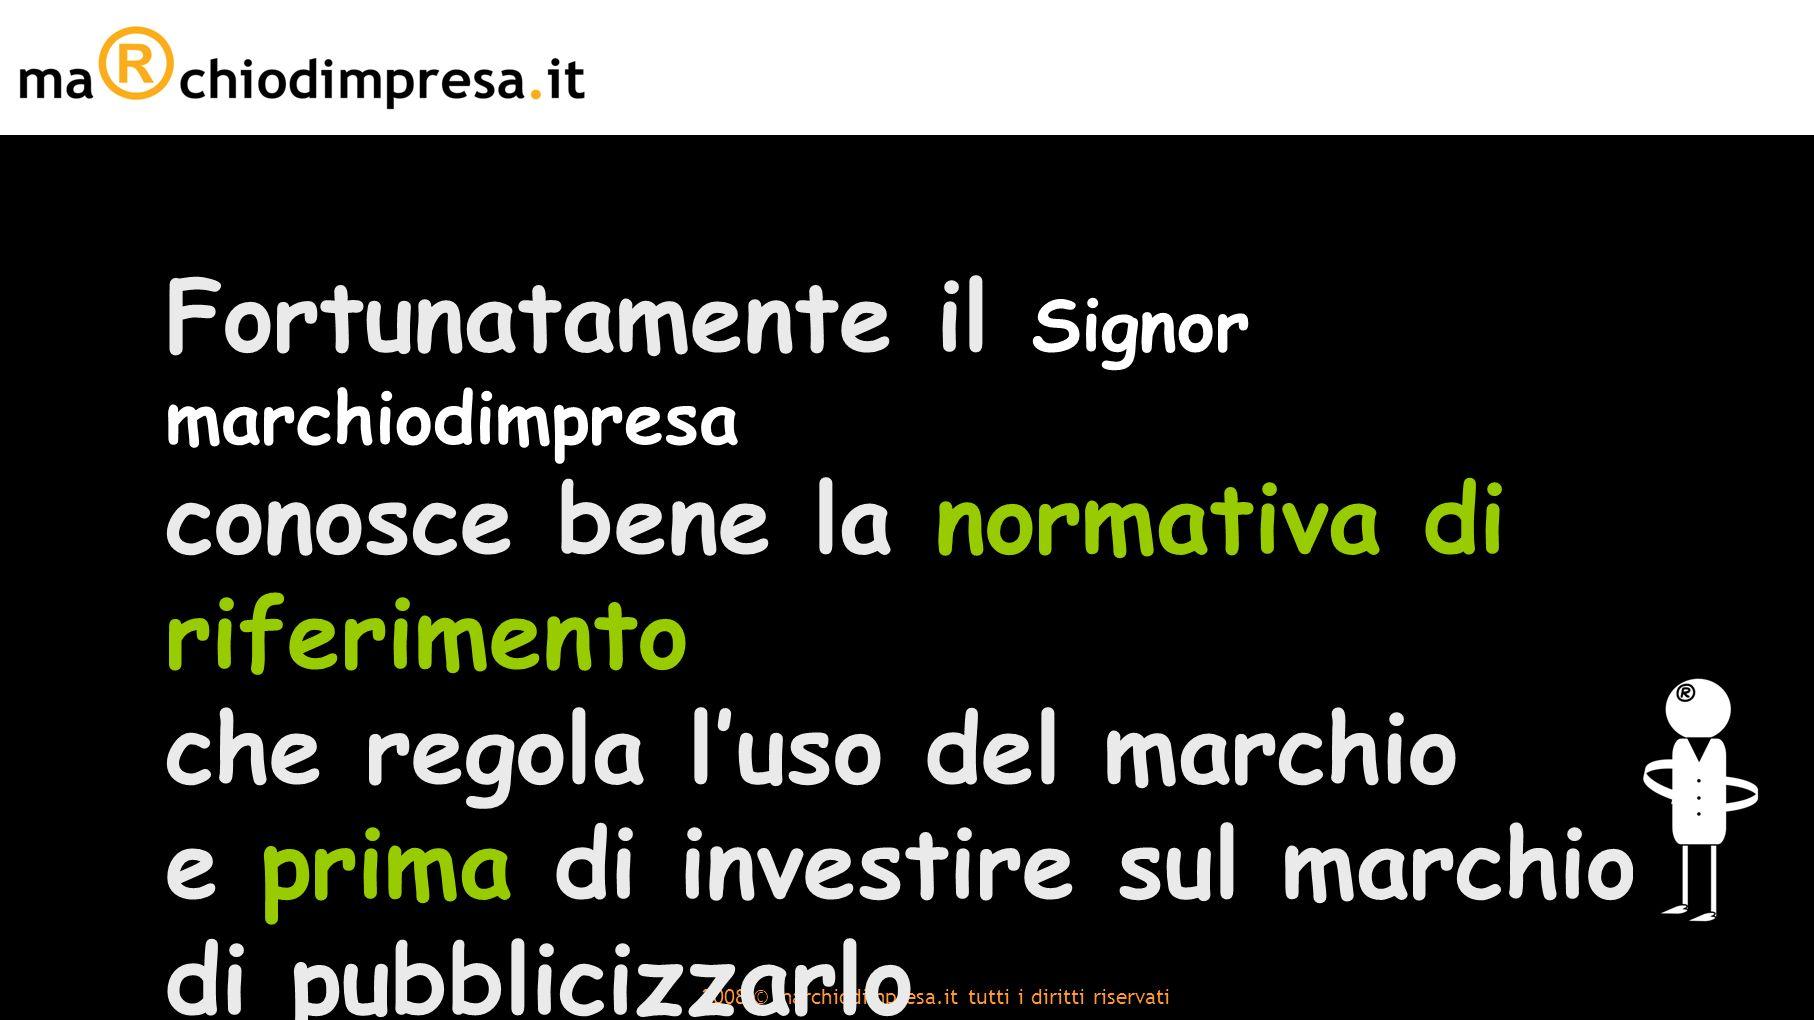 2008 © marchiodimpresa.it tutti i diritti riservati Per informazioni e consulenza: info@marchiodimpresa.it